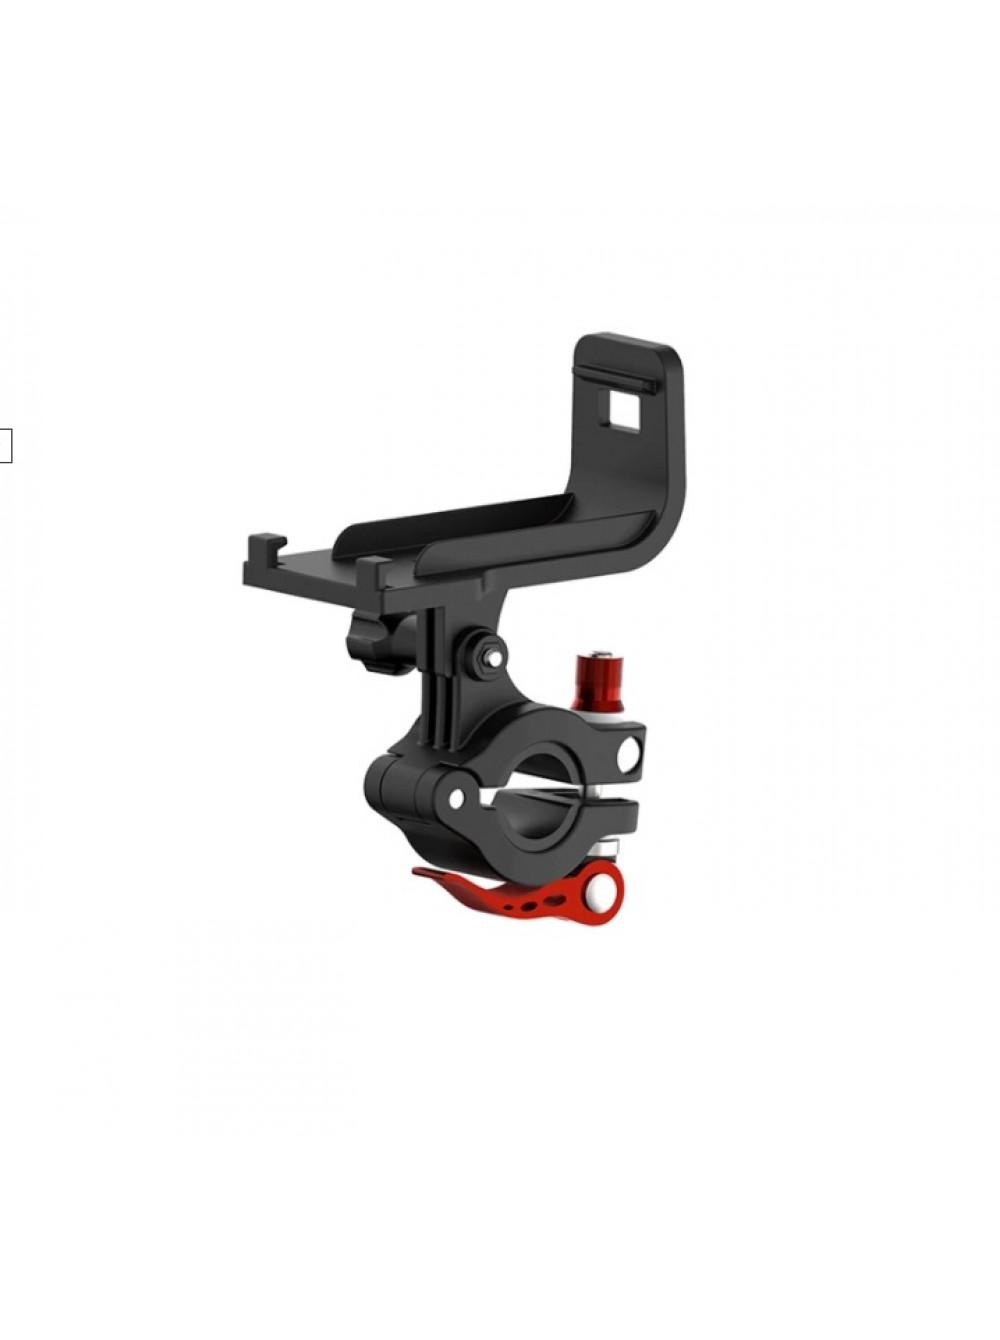 Велосипедный держатель пульта управления Sunnylife AIR2-Q9402 для Mavic Air 2 / 2S / Mini 2